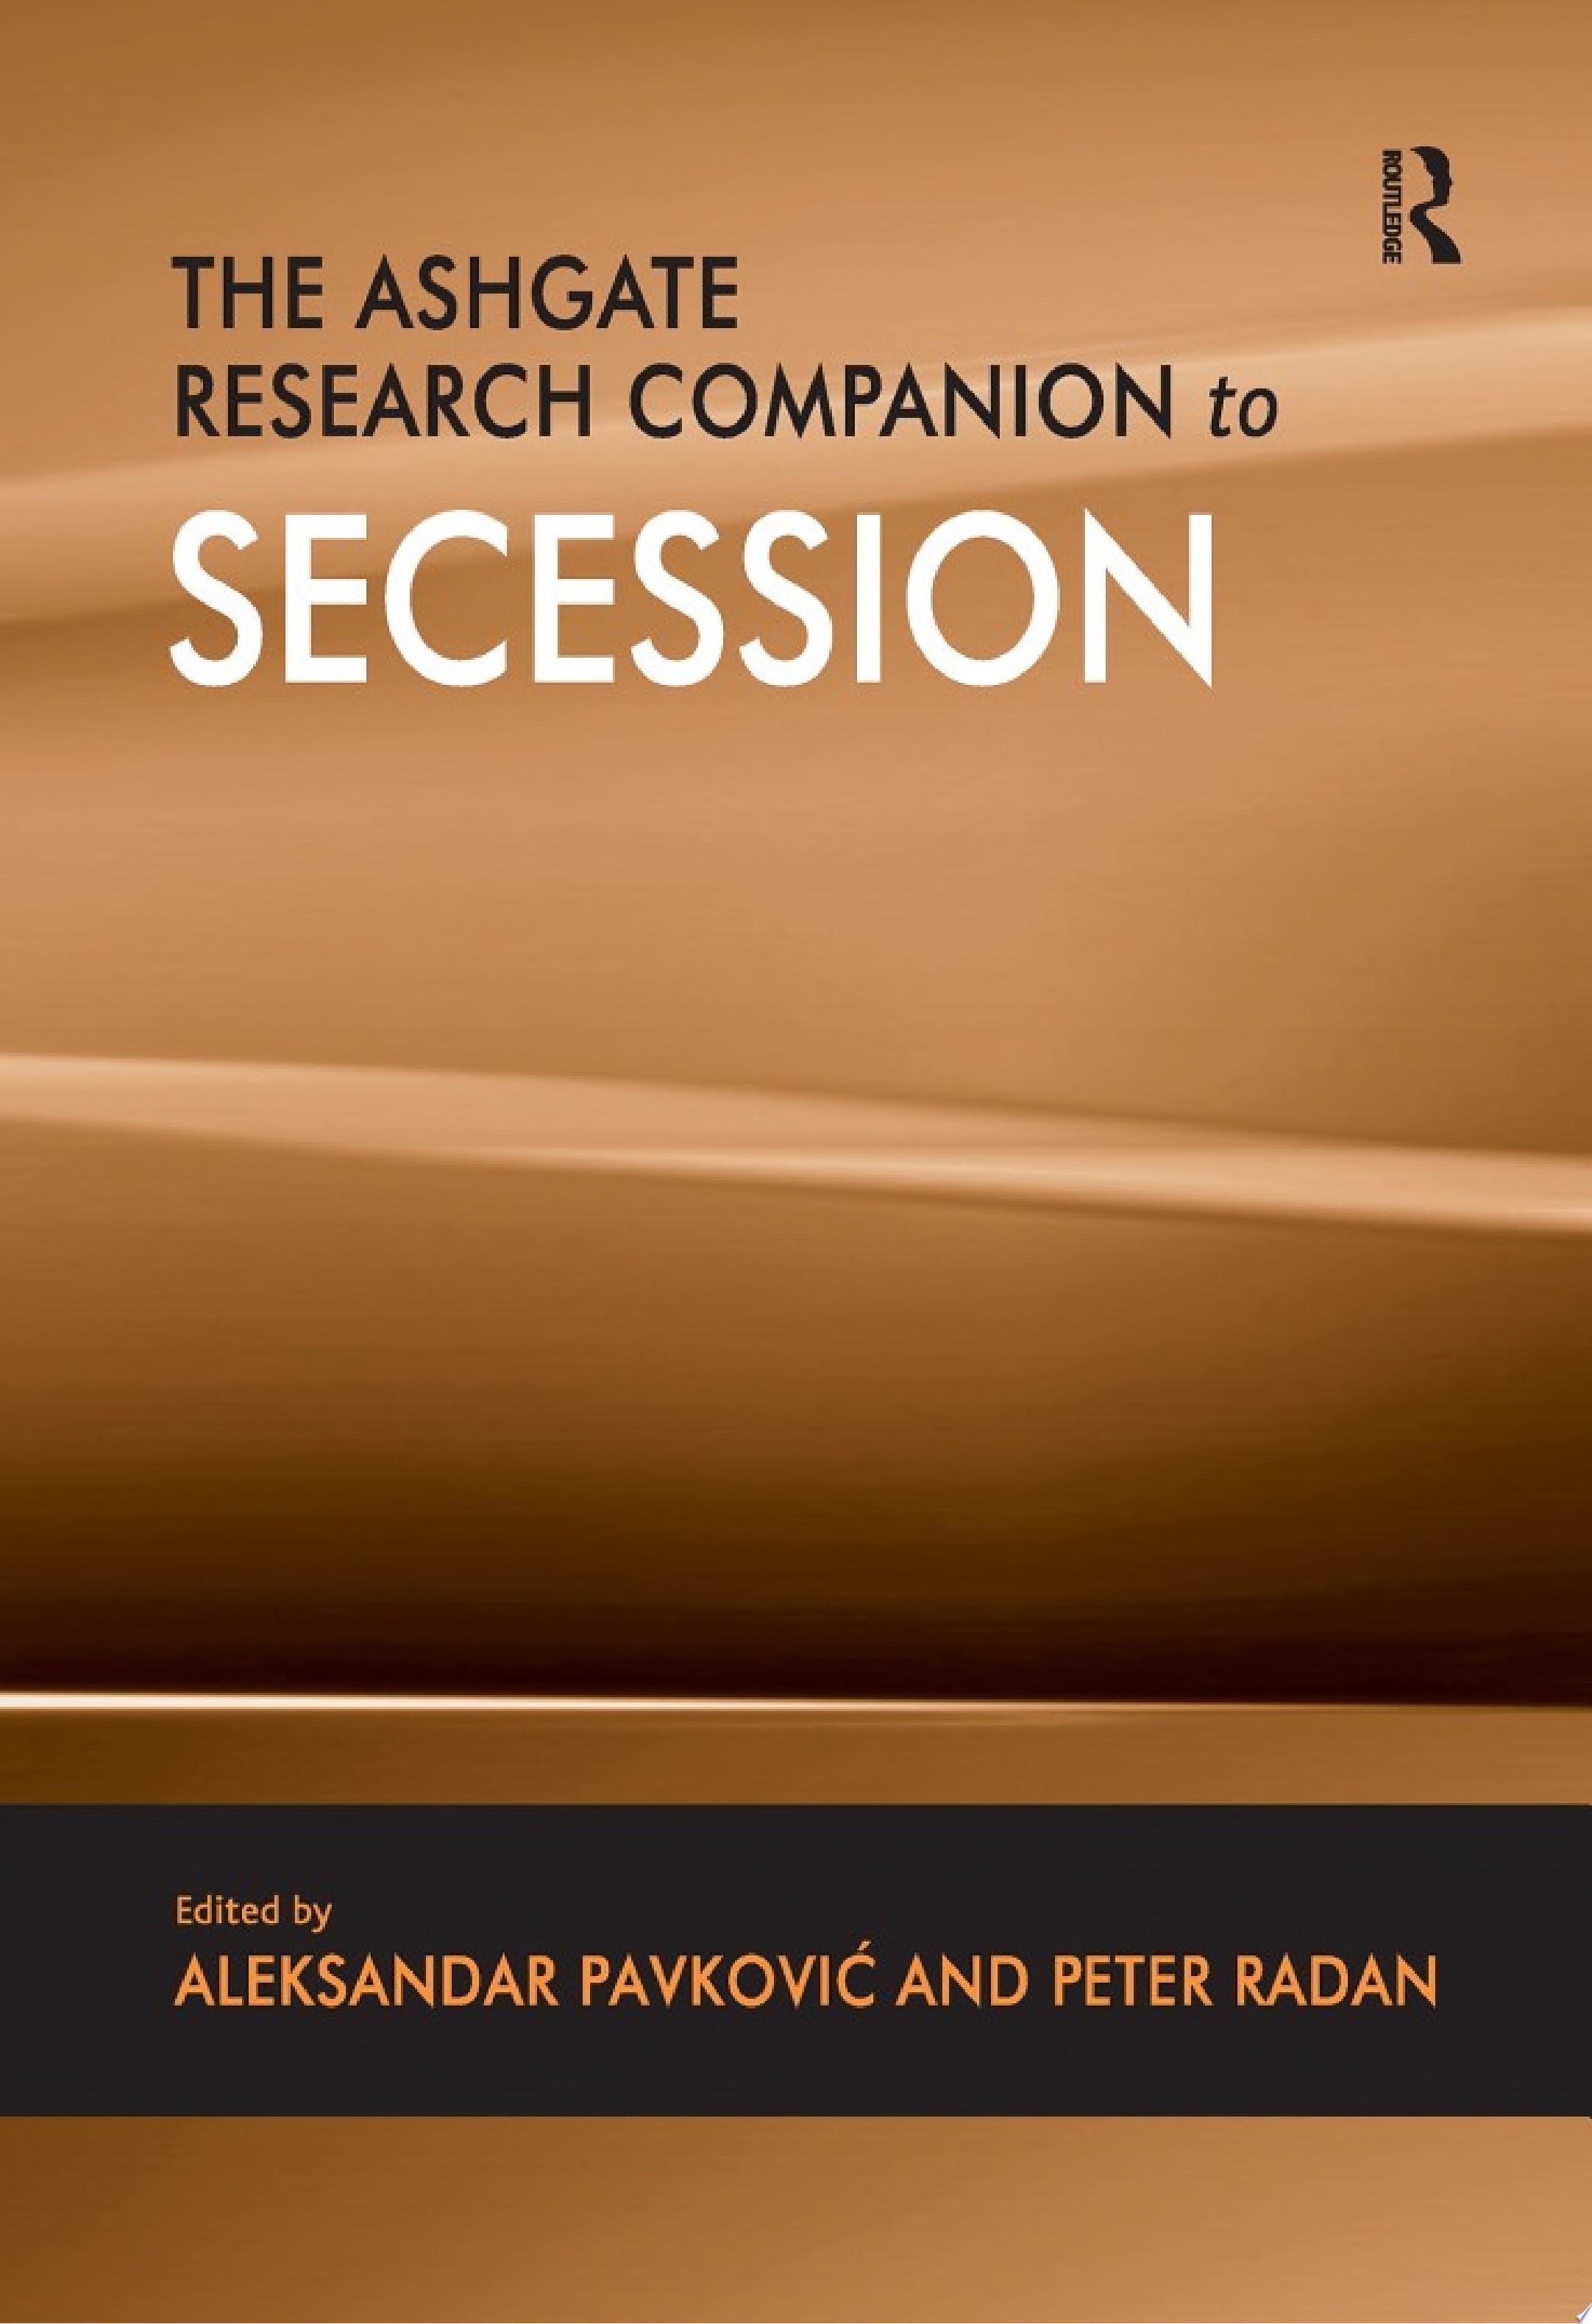 The Ashgate Research Companion to Secession